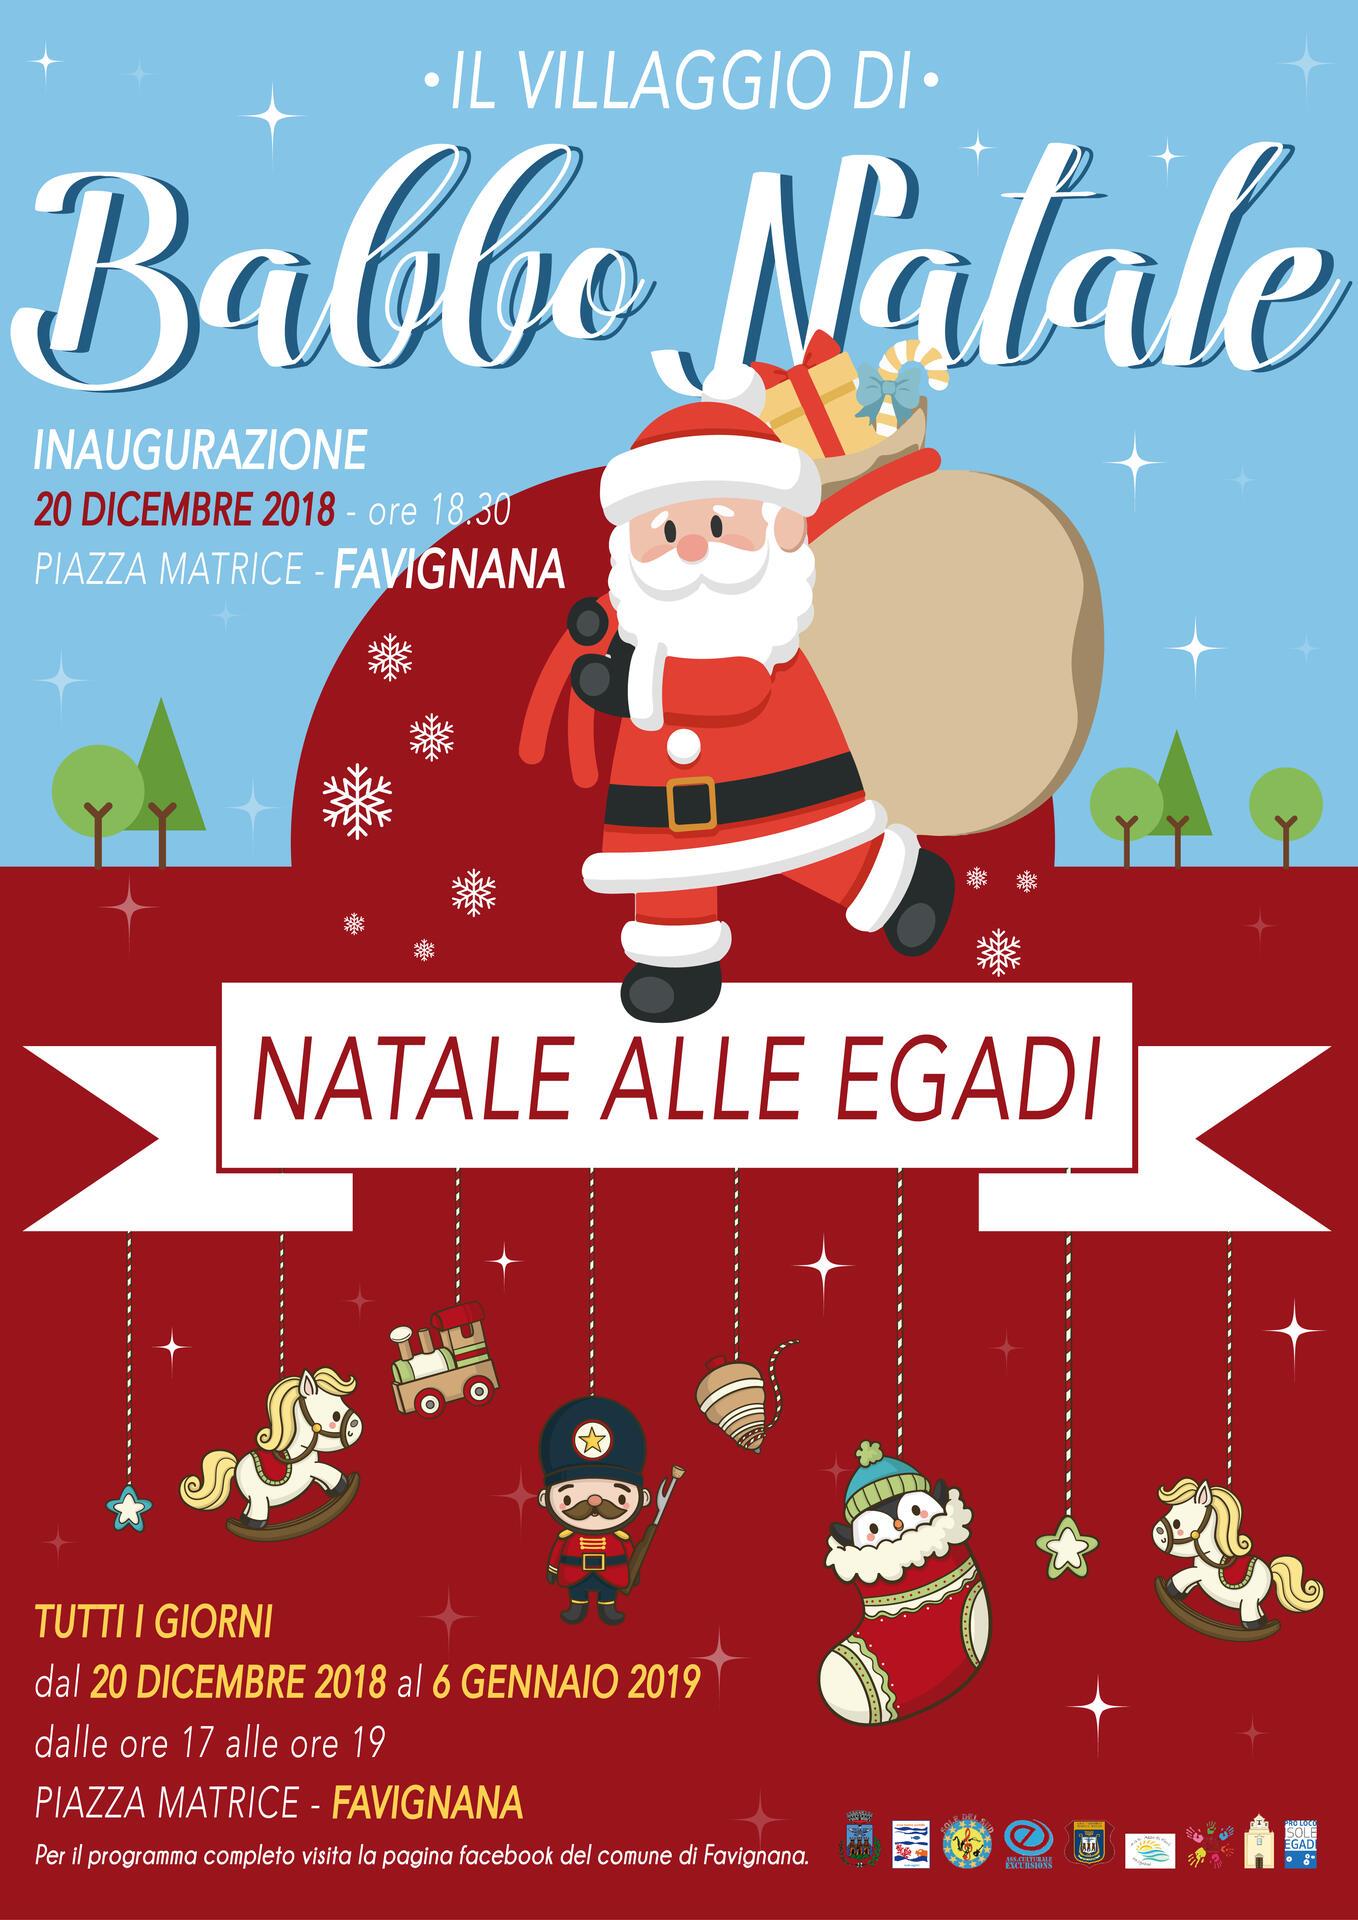 Natale-alla-Egadi-18-19-01